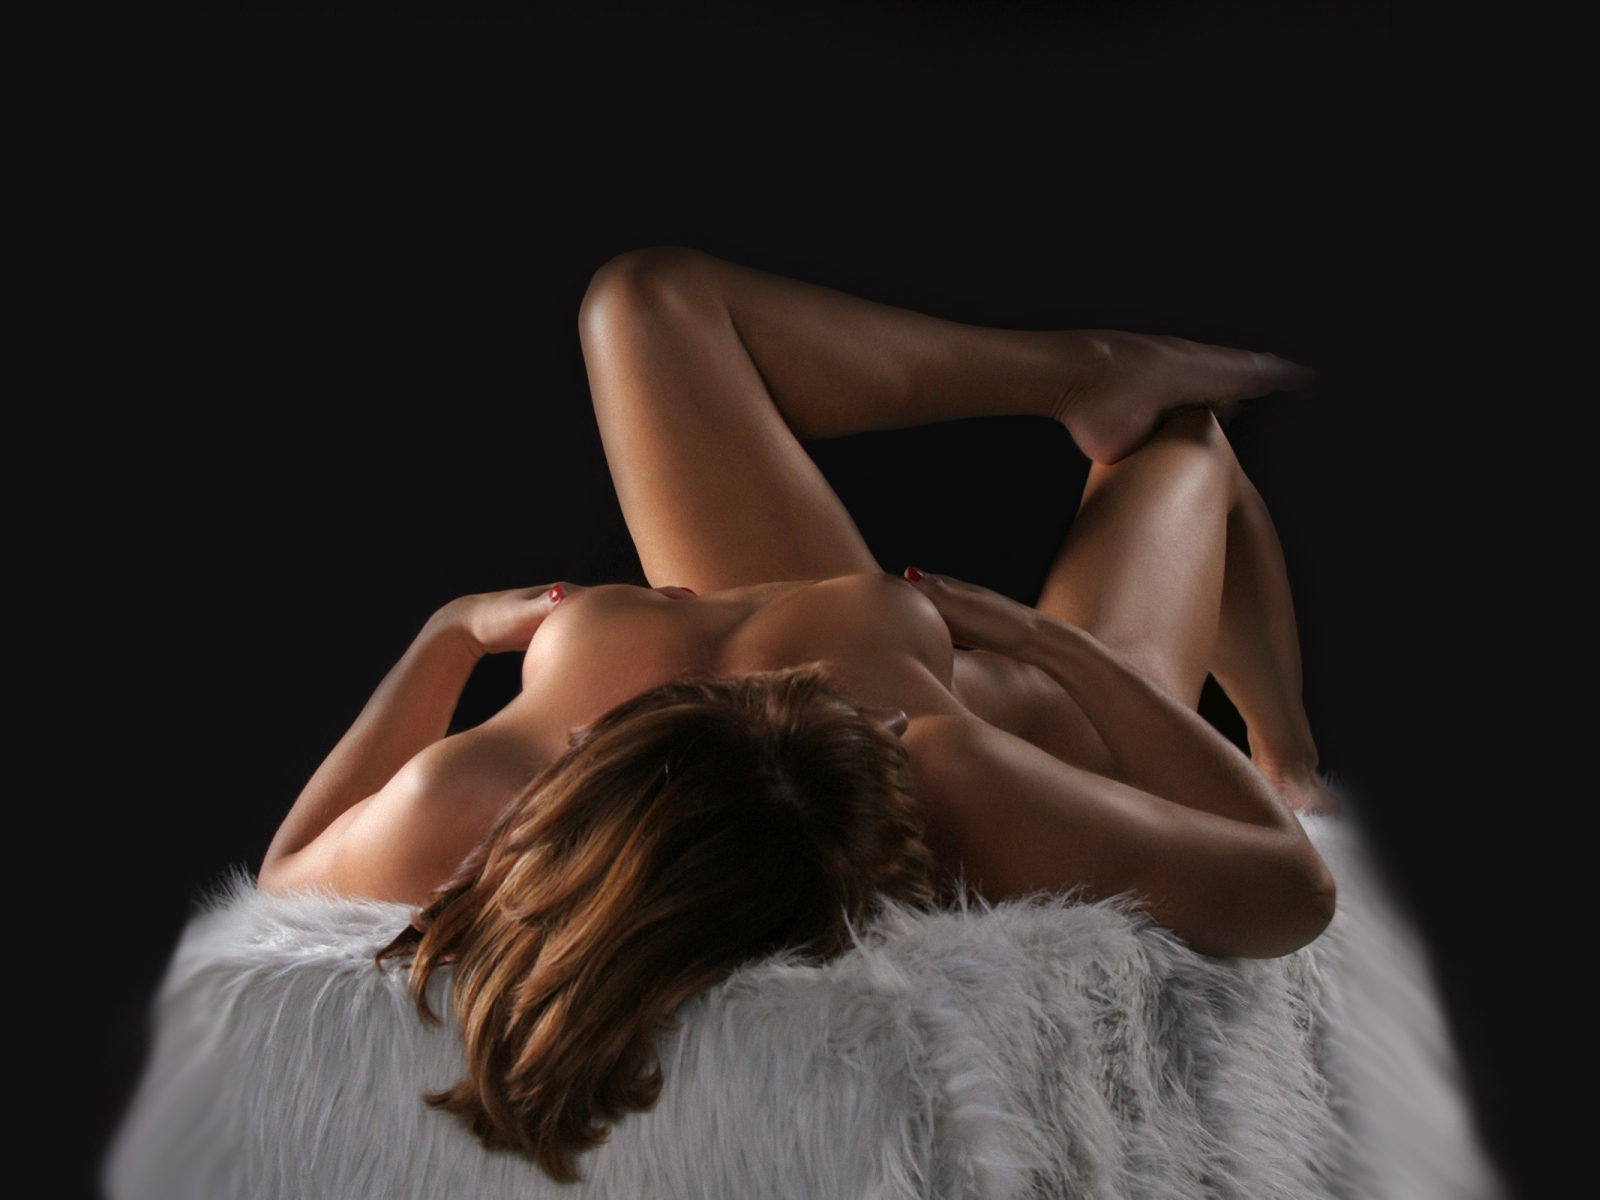 Сексуальные фантазии на ночь, Что они себе воображают? Сексуальные фантазии 24 6 фотография